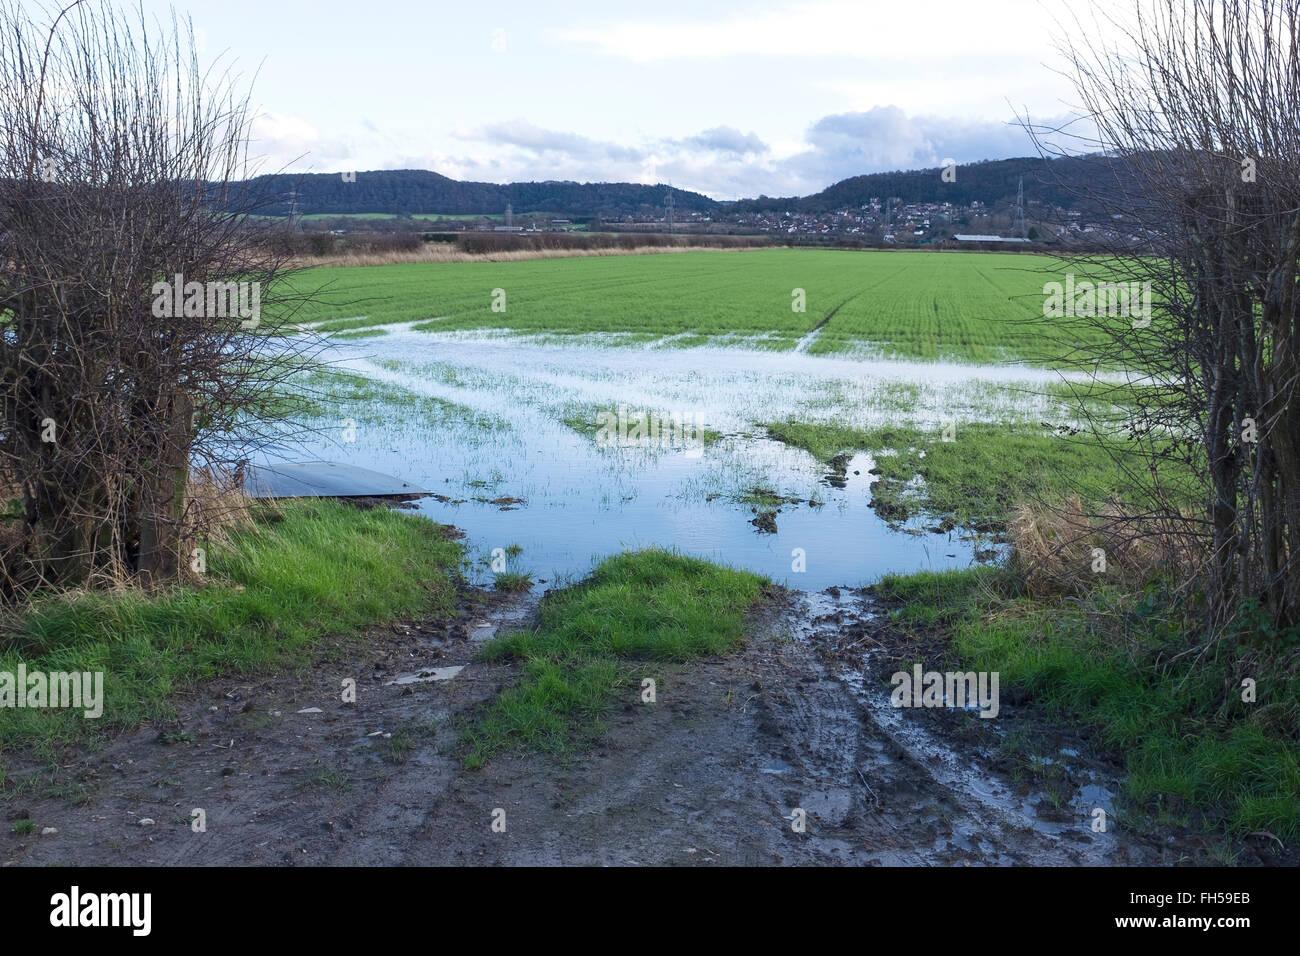 La entrada a un campo de agricultores inundados de agua Imagen De Stock